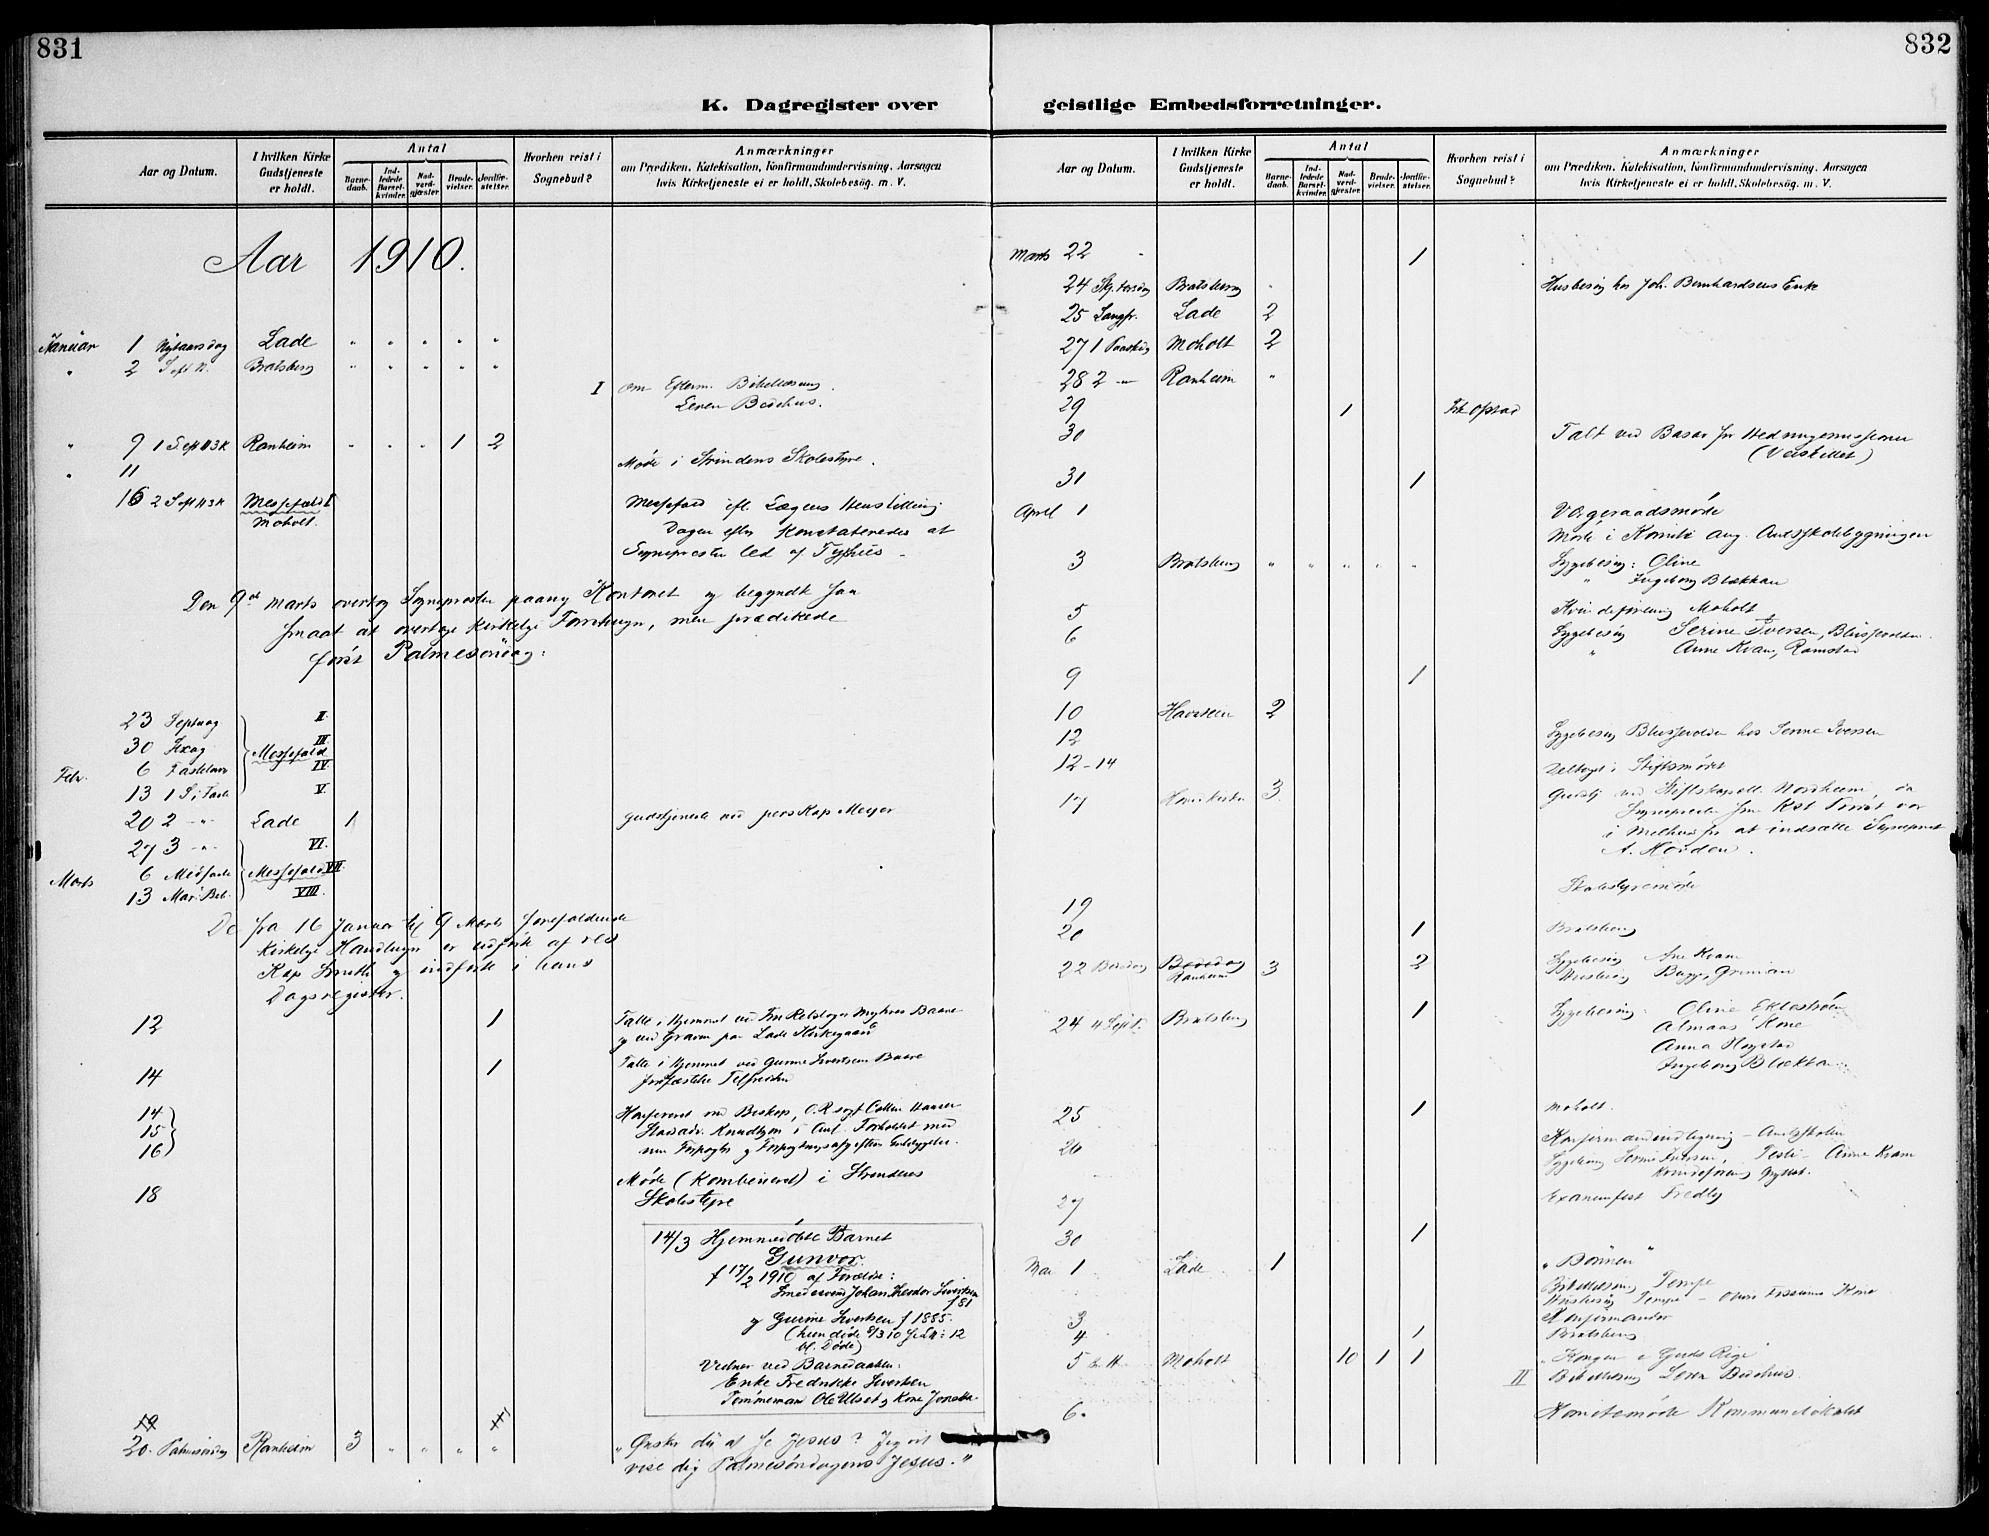 SAT, Ministerialprotokoller, klokkerbøker og fødselsregistre - Sør-Trøndelag, 607/L0320: Ministerialbok nr. 607A04, 1907-1915, s. 831-832